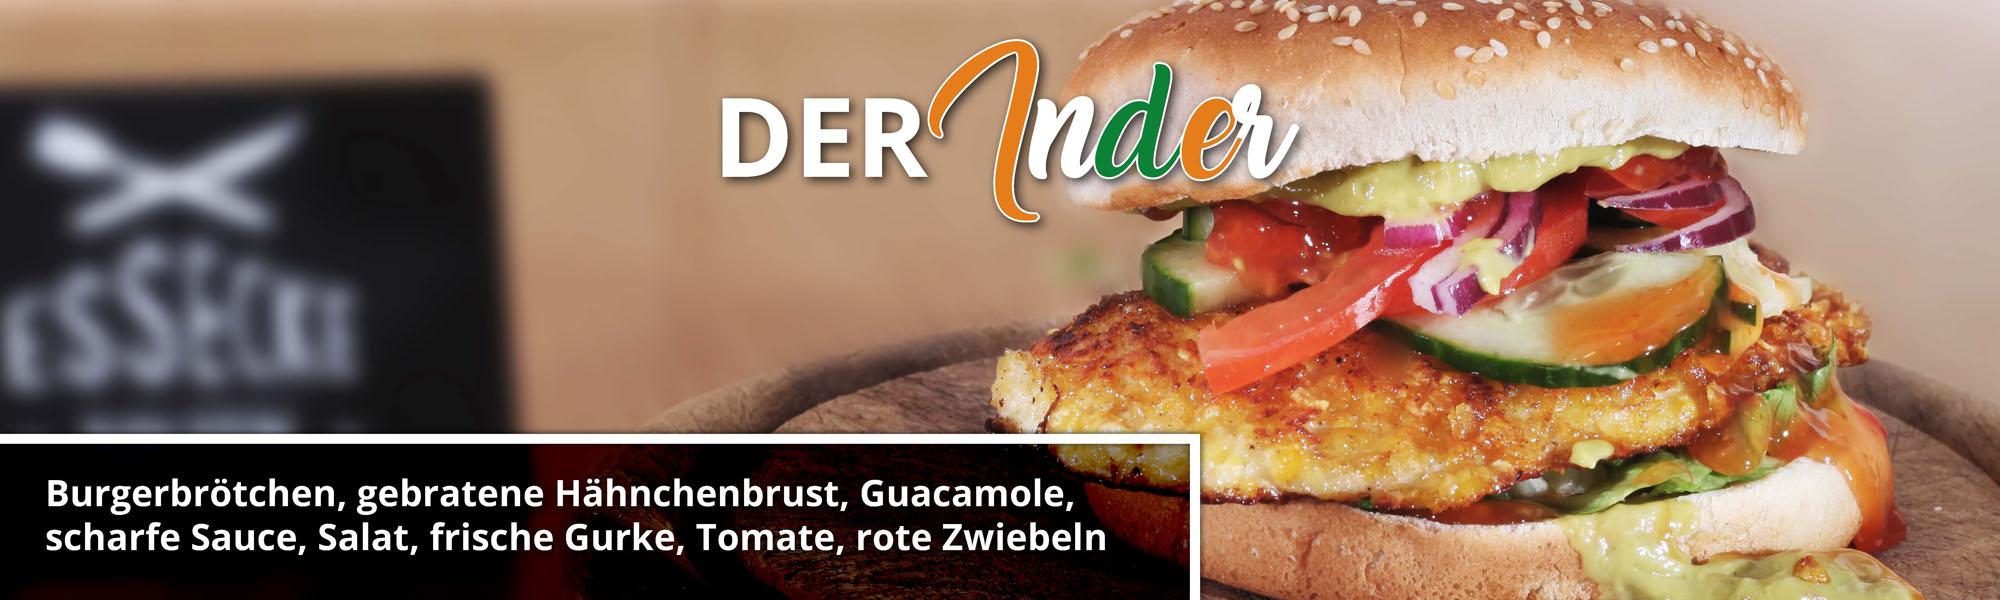 Essecke Solfen Lemgo Burger Der Inder